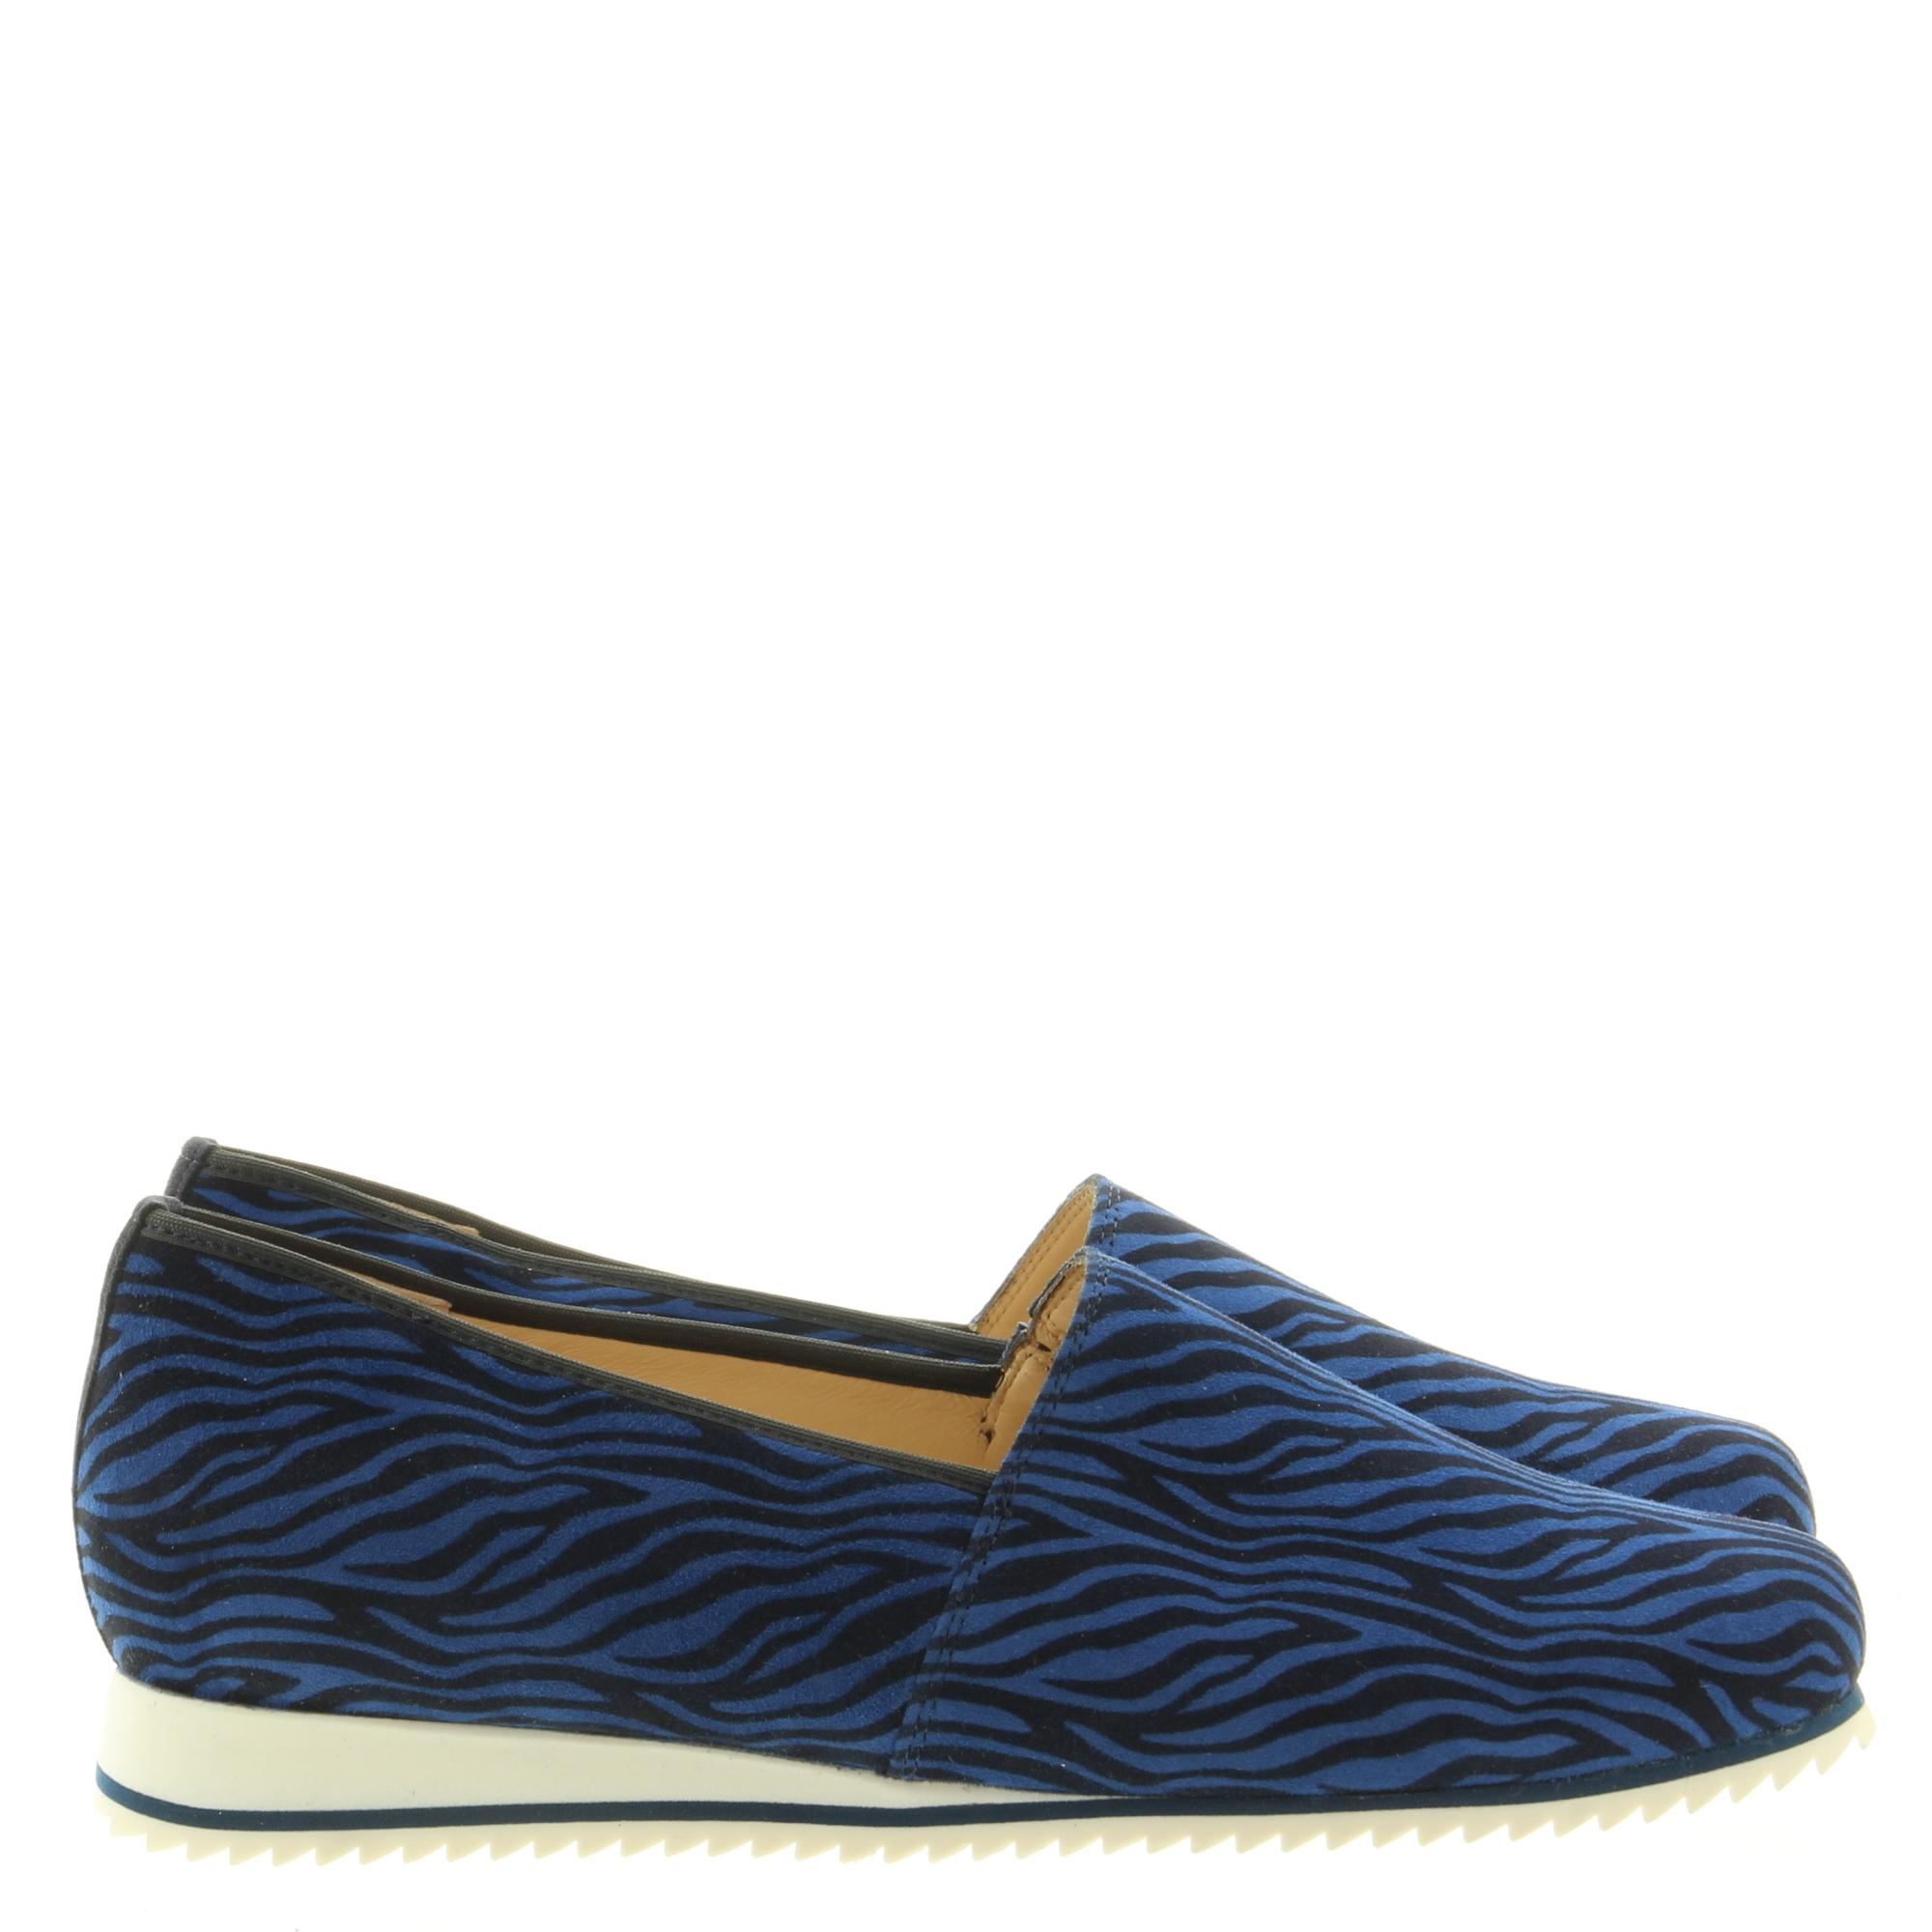 Hassia Shoes 301685 Piacenza 3000 Ocean Zebra